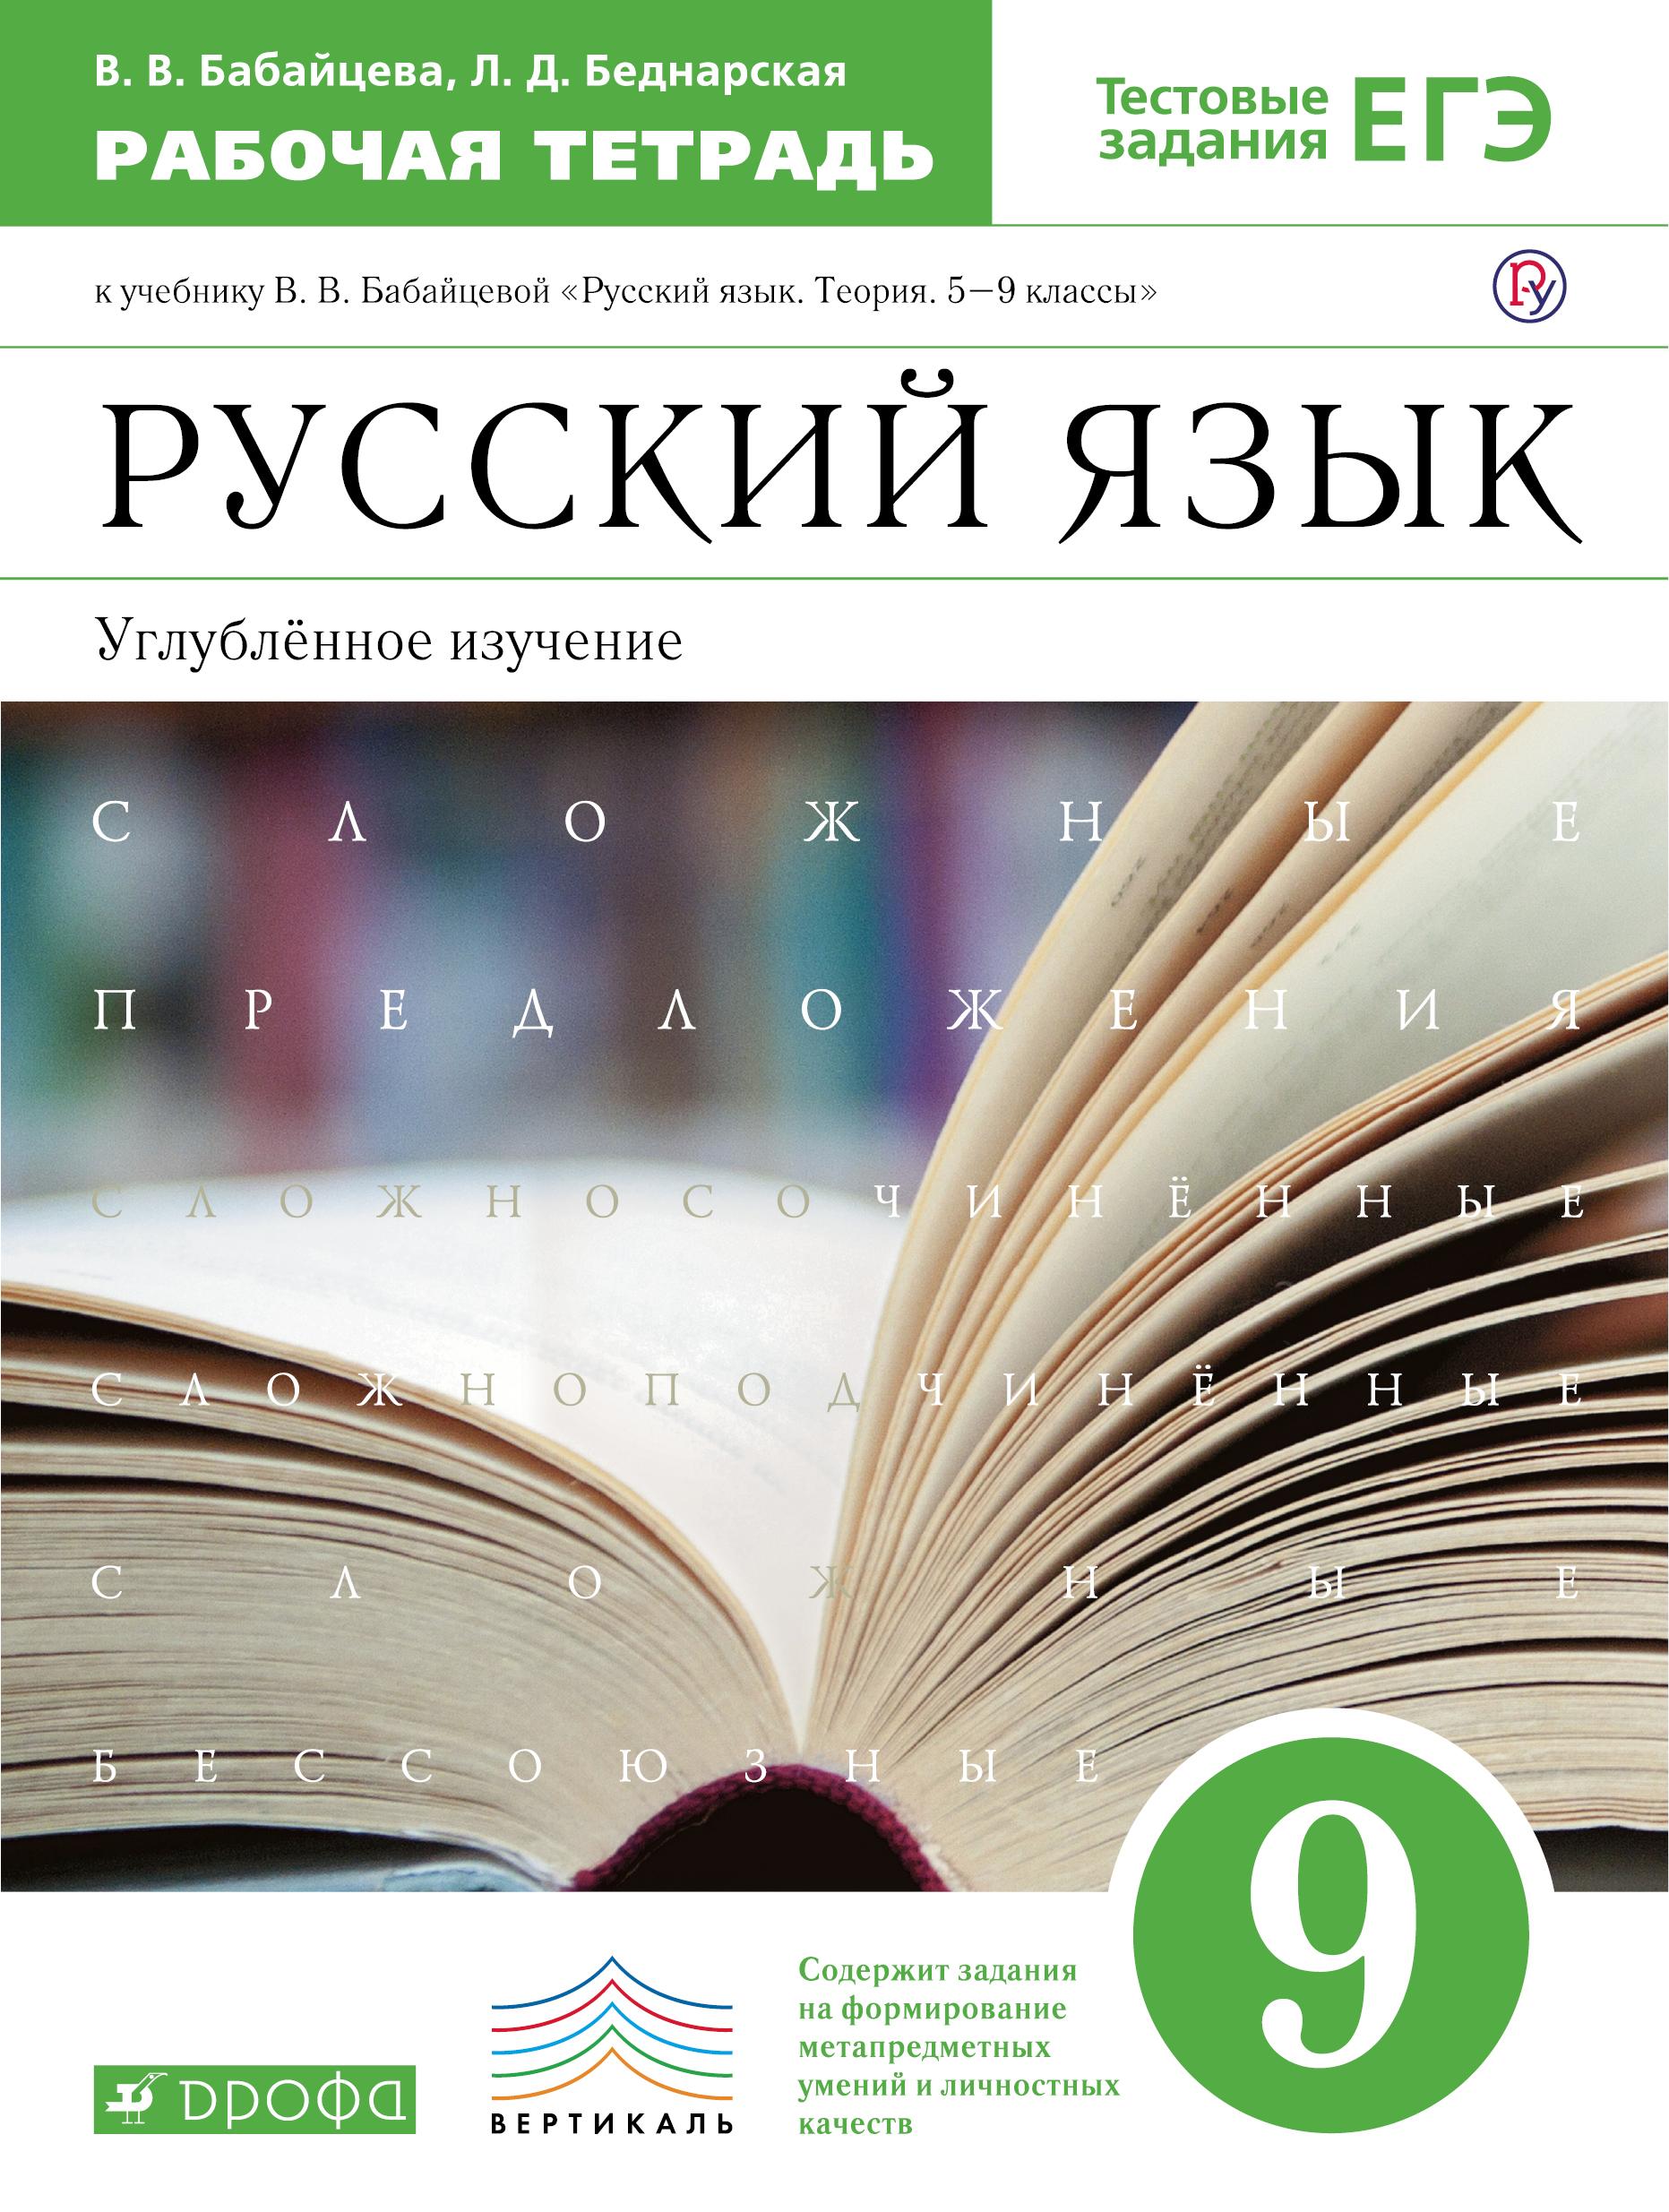 Класс бабайцева, беднарская гдз язык 2000 русский г 8-9